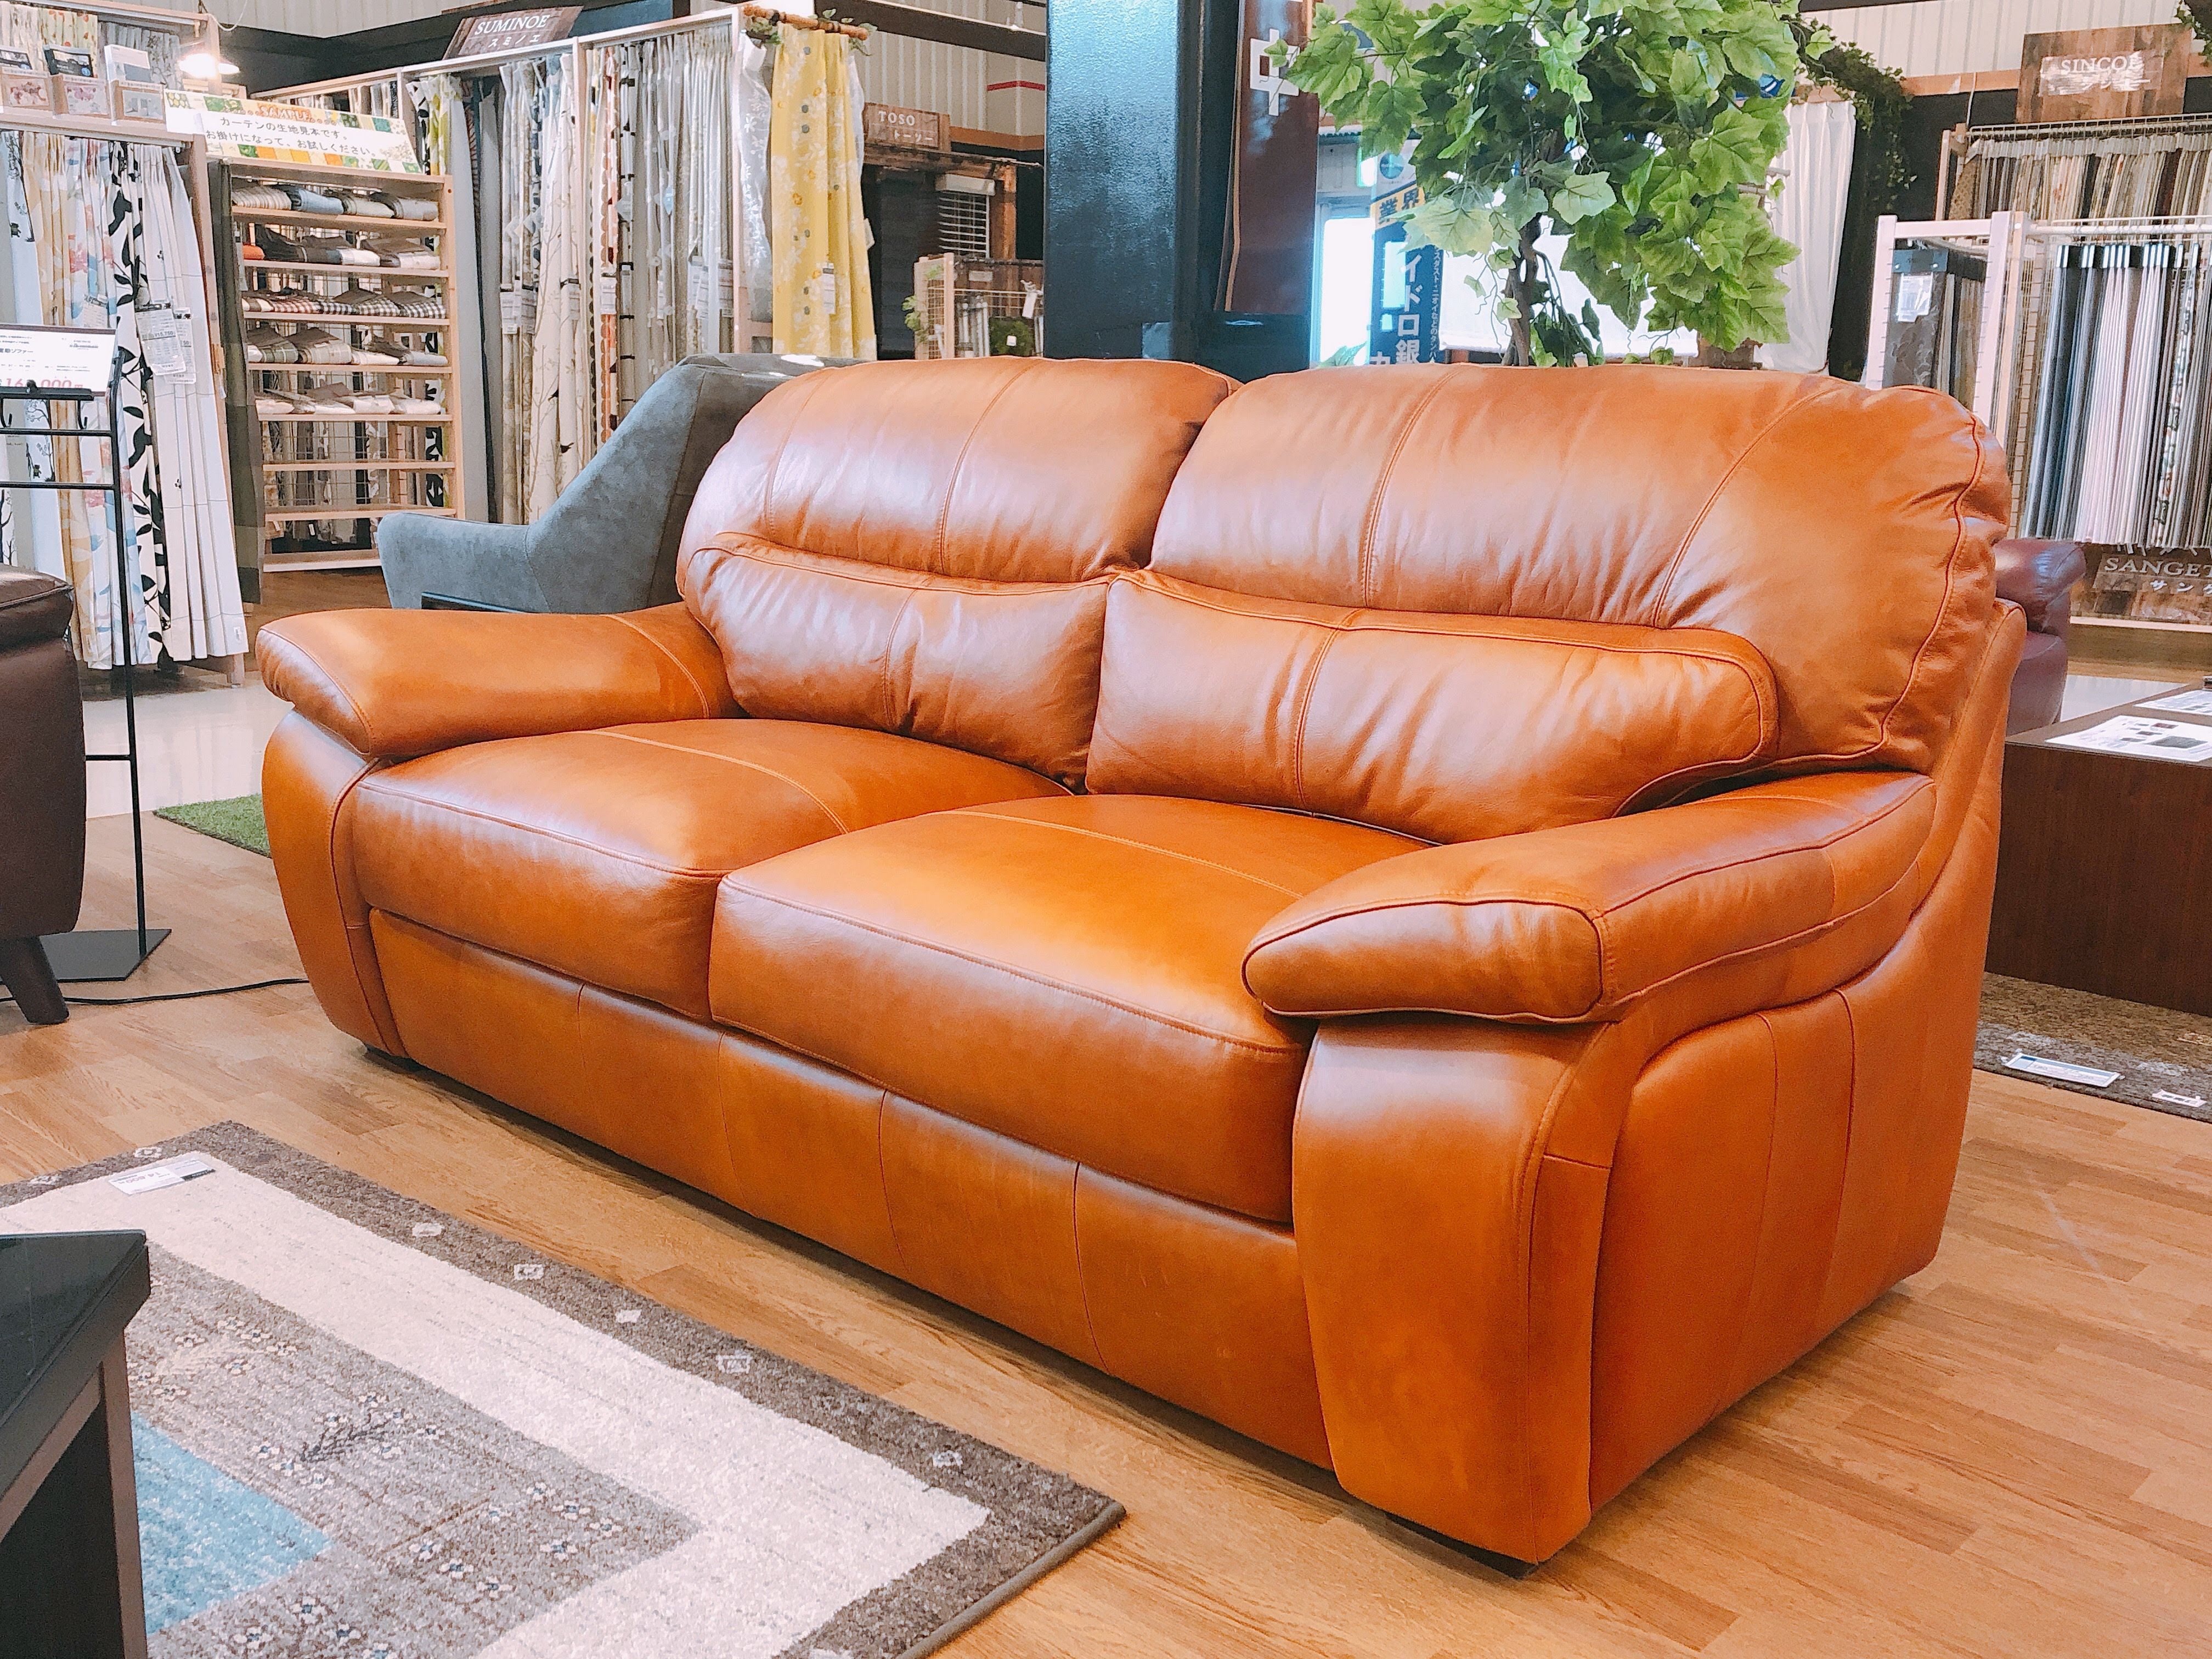 総革張り3人用ソファー メーカー放出品3台限りの画像1